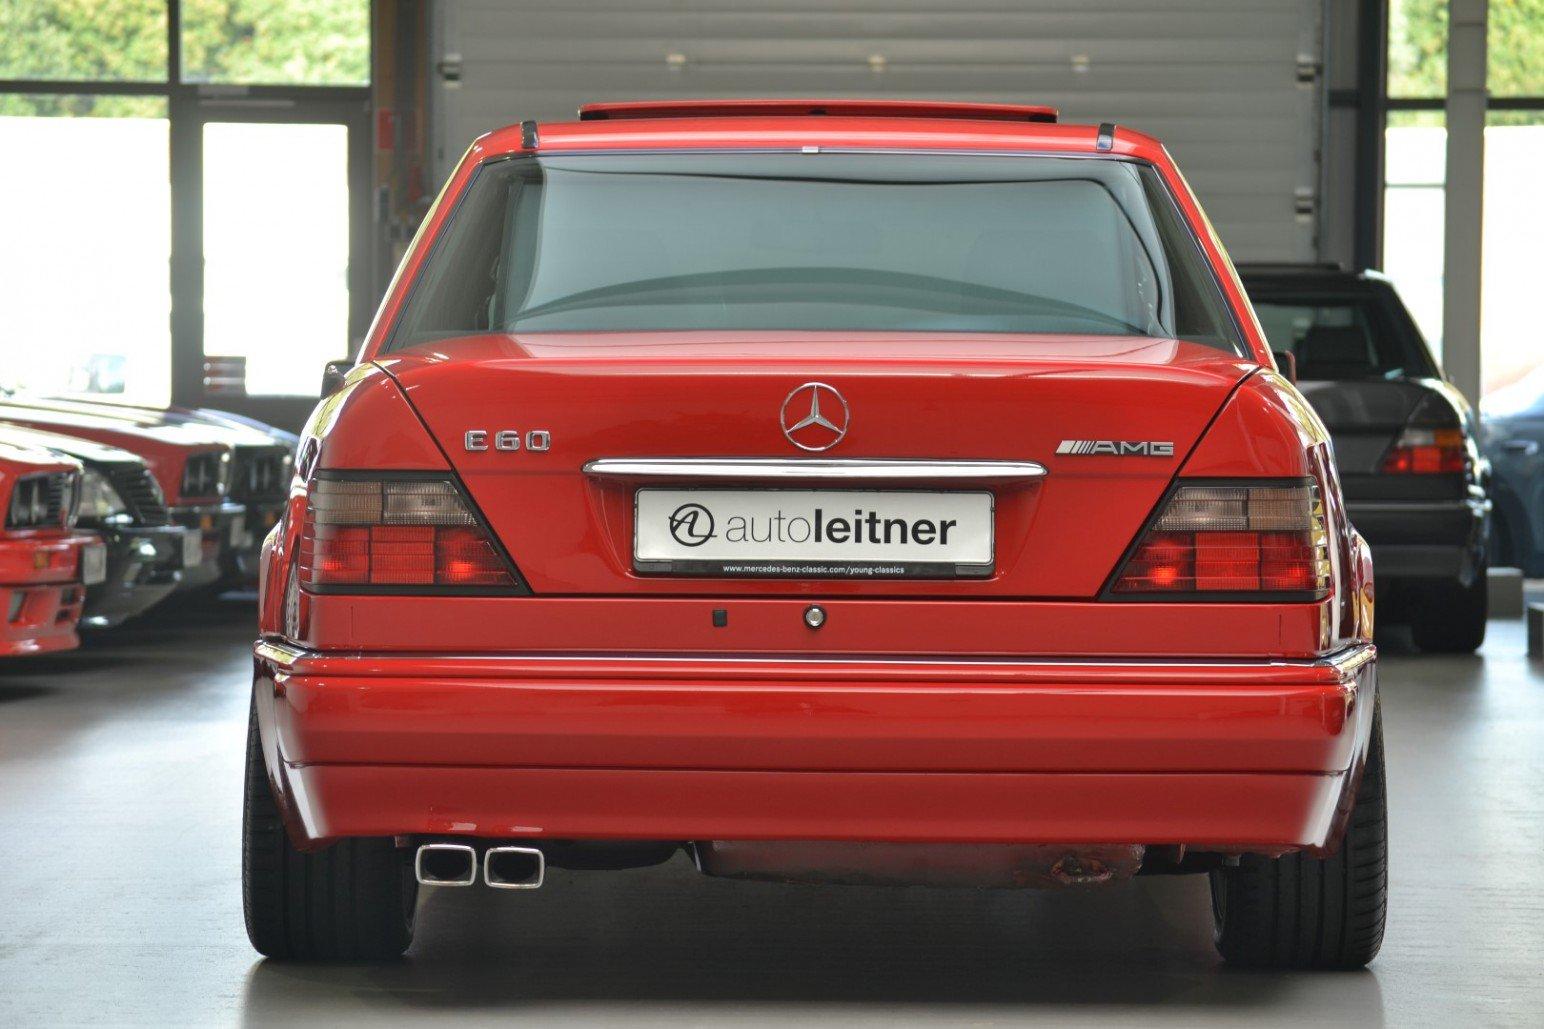 Mercedes-Benz-E60-AMG-anh-4